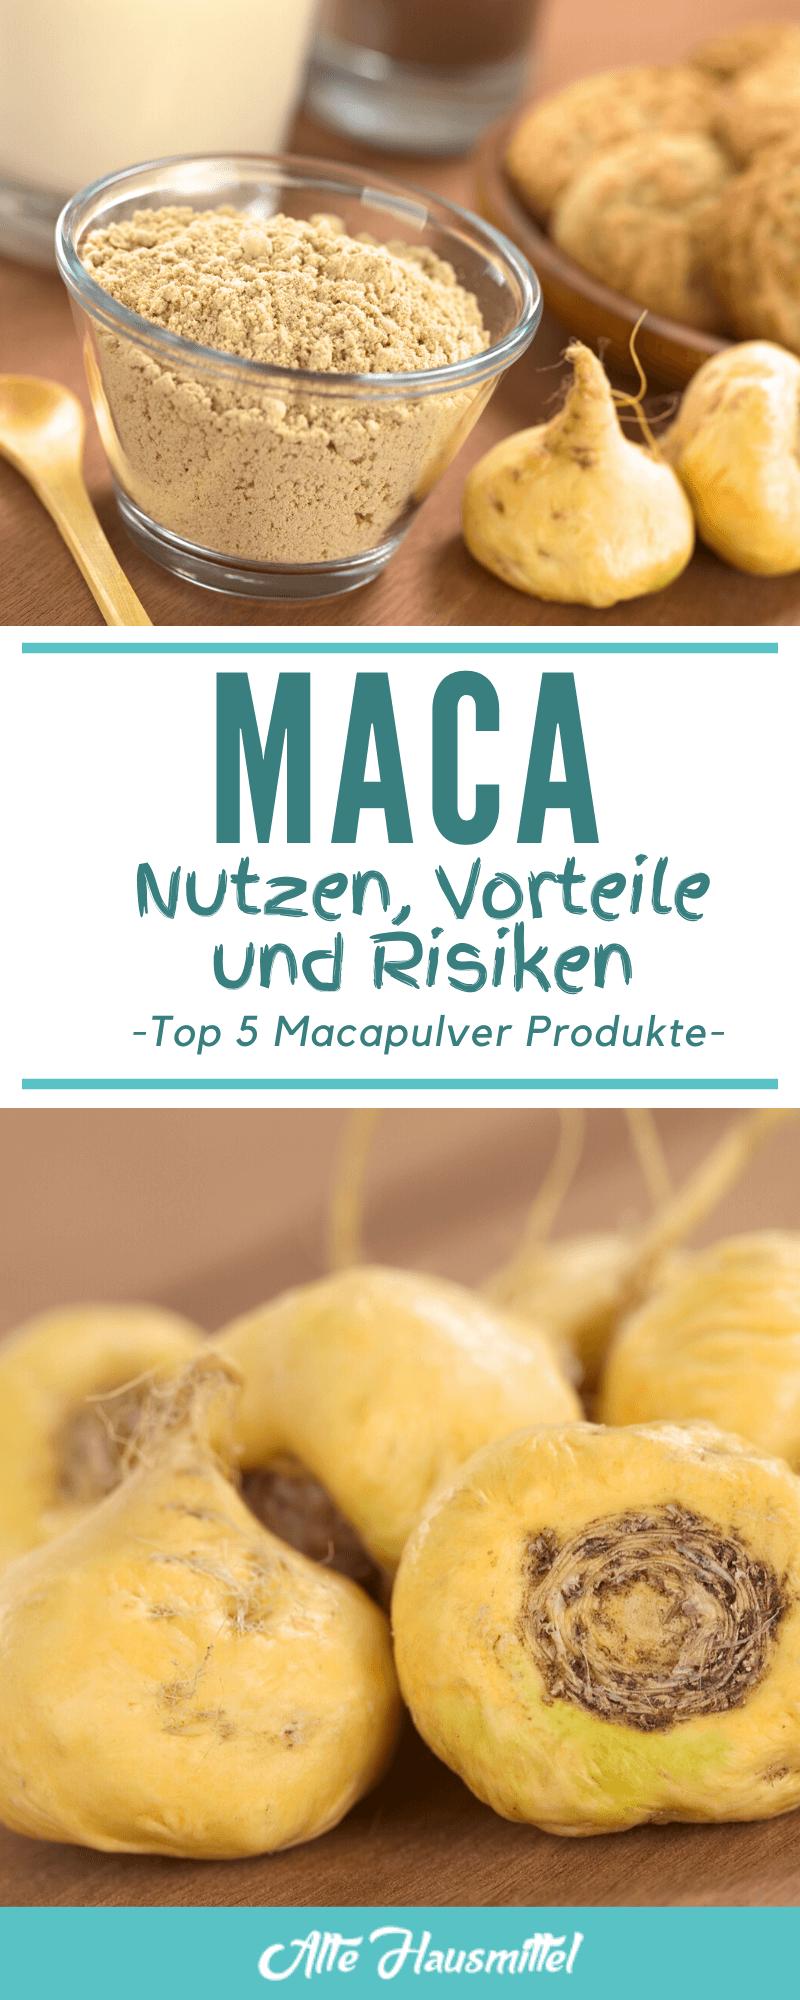 Maca - ein wieder entdecktes Superfood